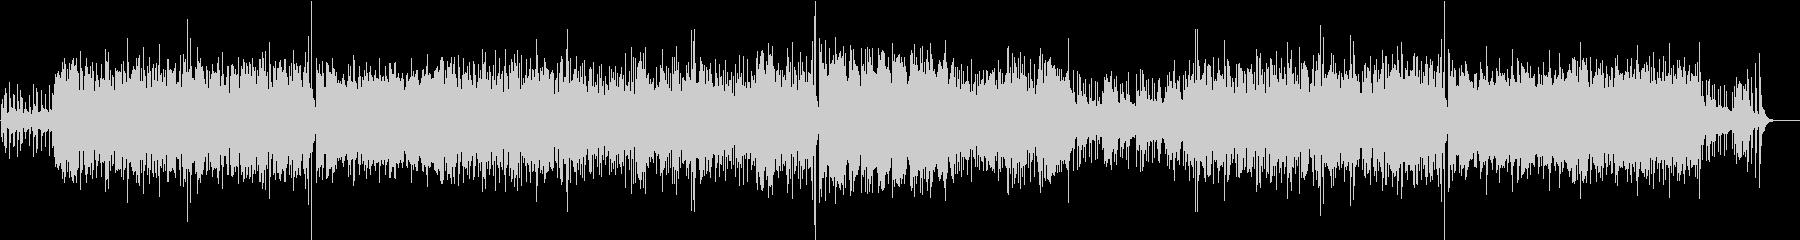 ピアノ&エレクトロニカ 印象的な旋律の未再生の波形